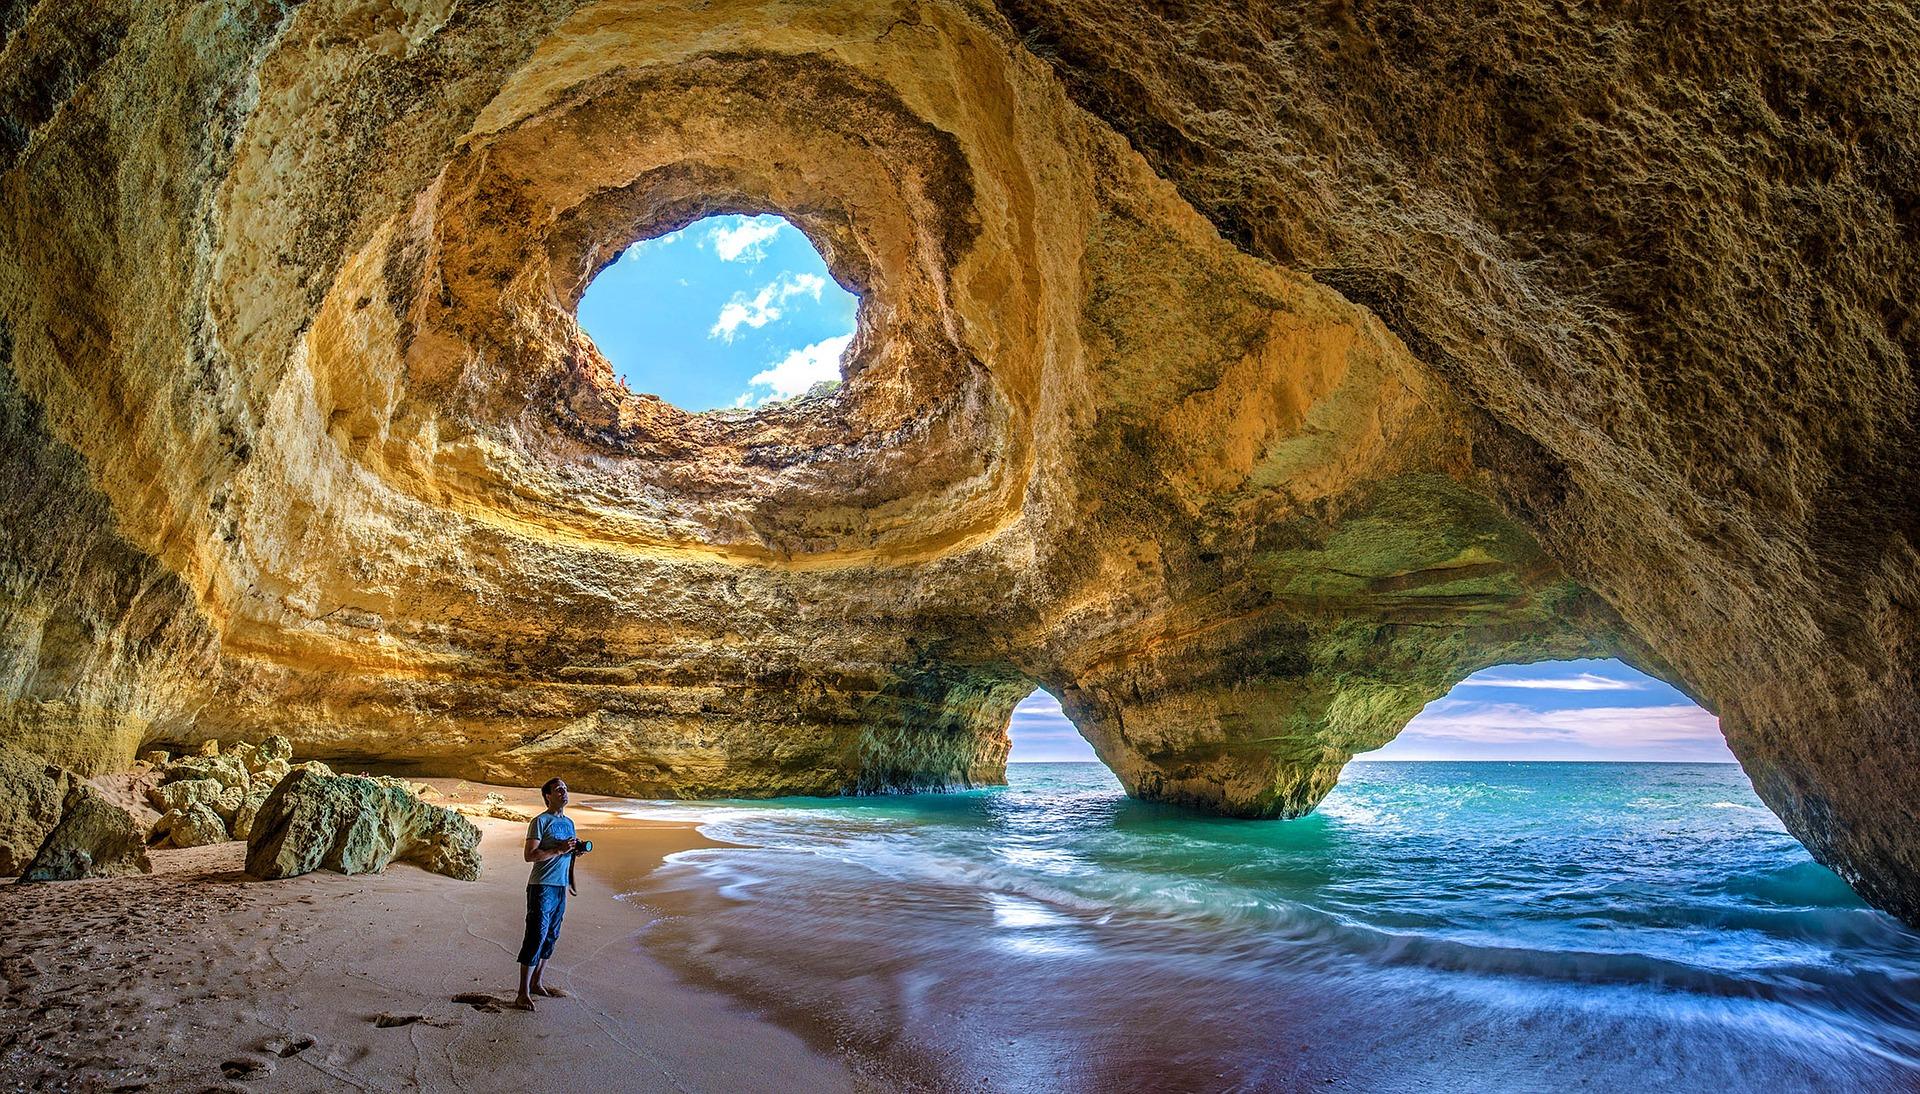 Meereshöhle - Algarven Portugal